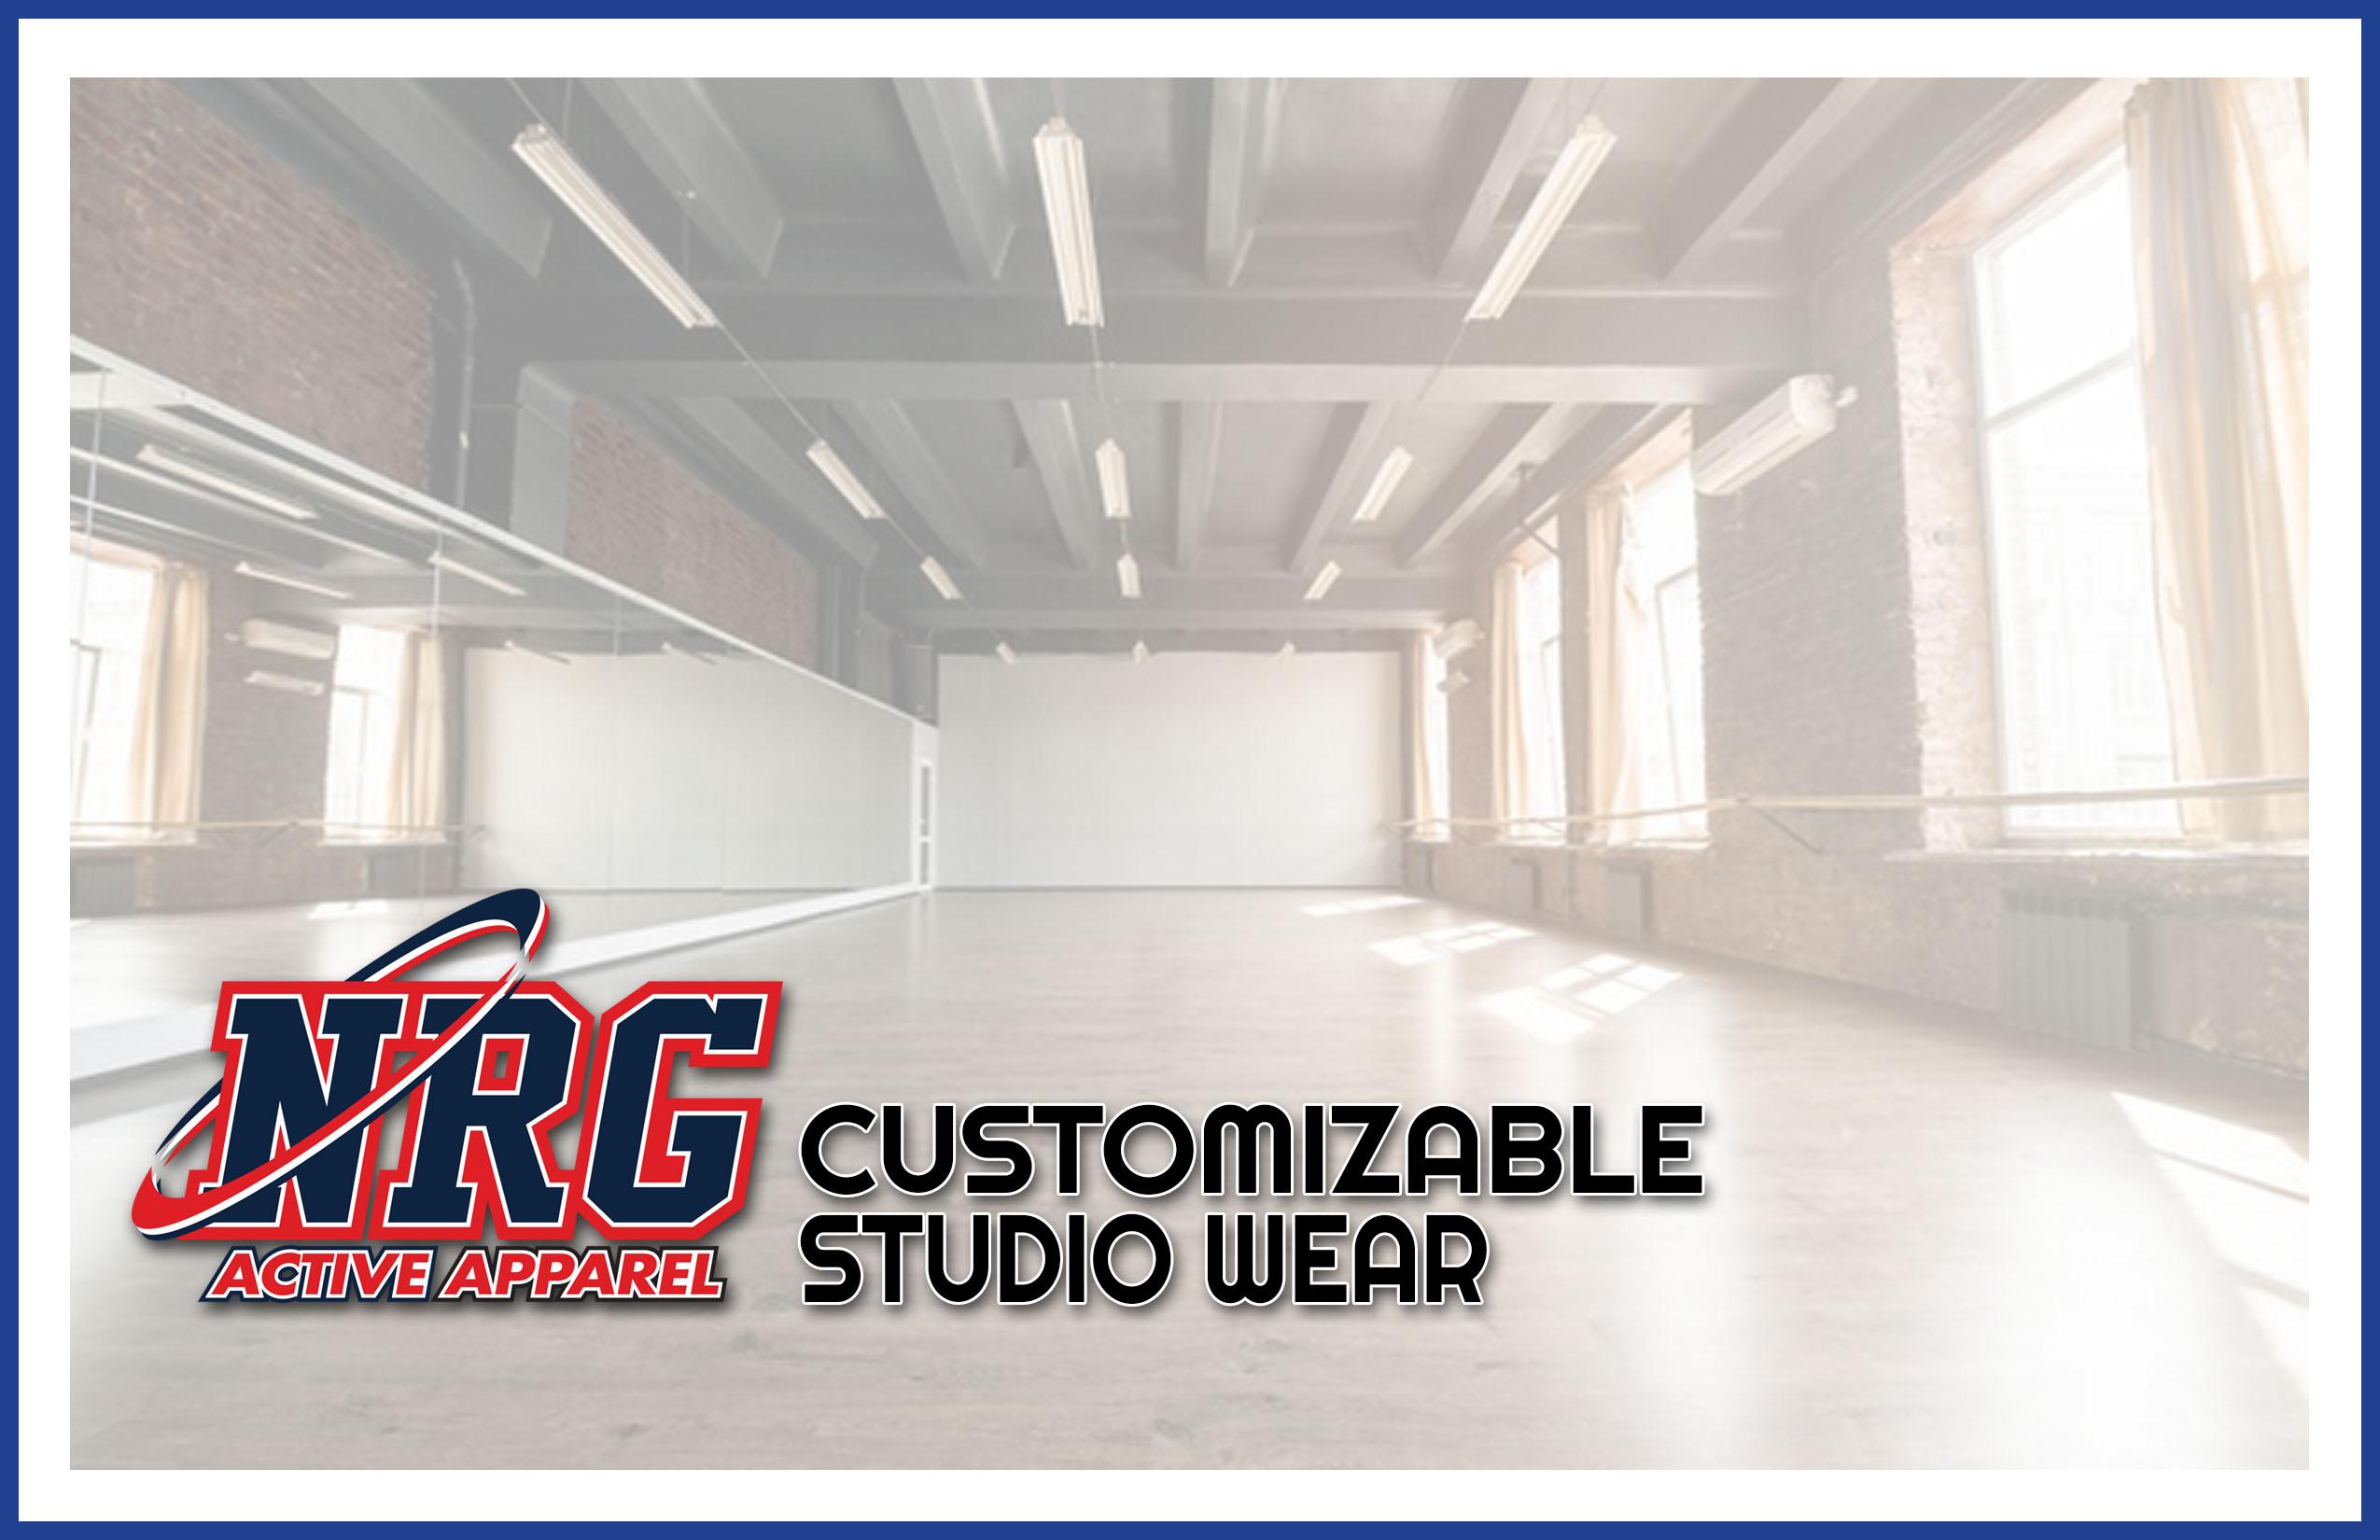 nrg-studio-header-img.jpg